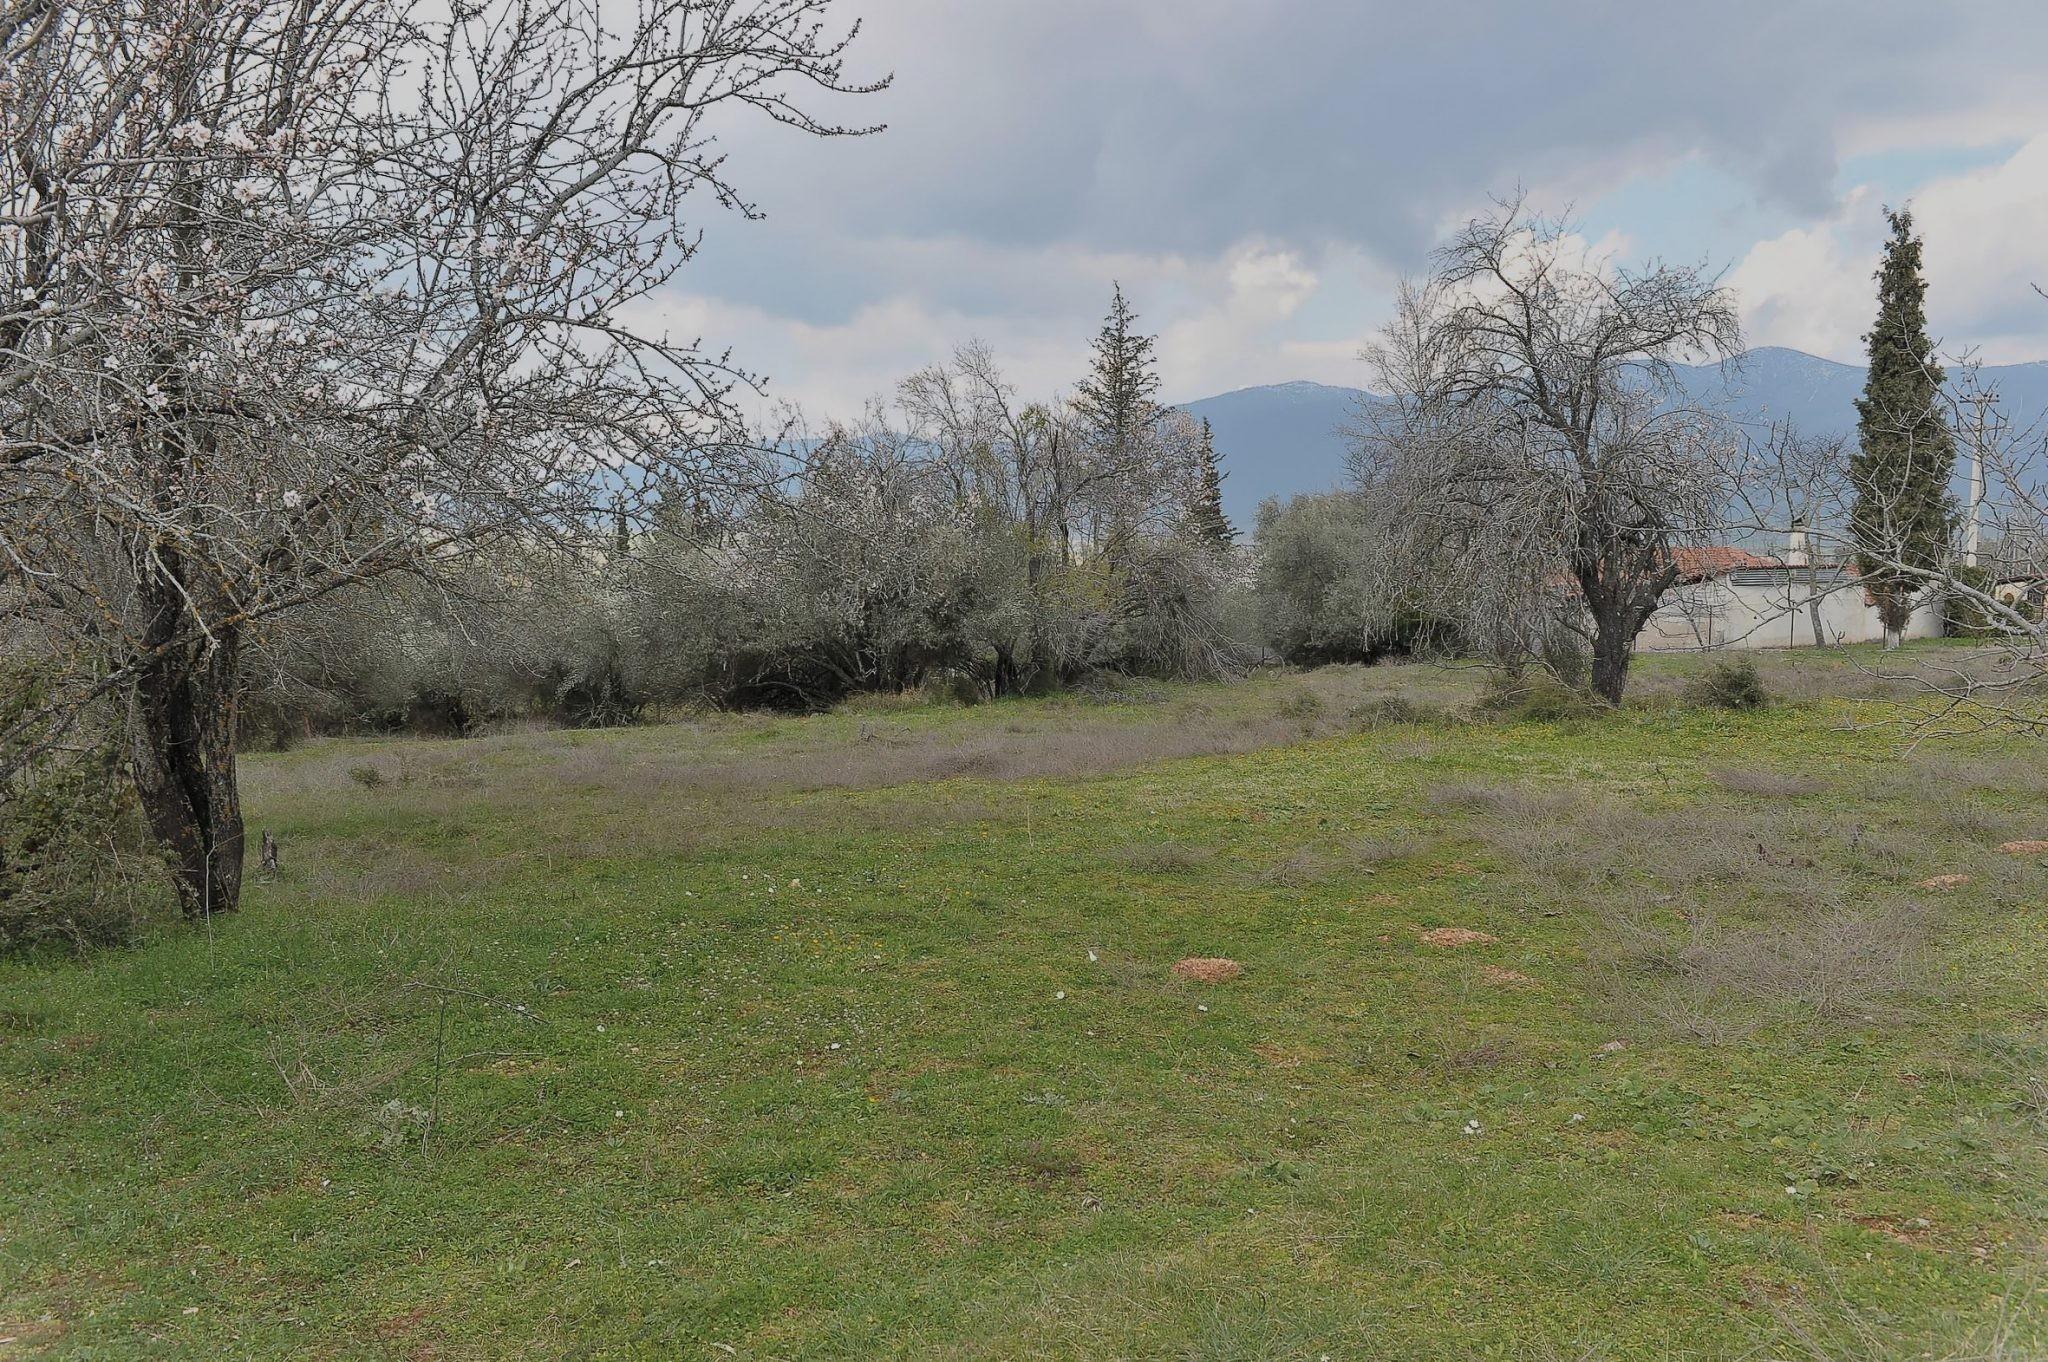 Terreno Parnassos  -  ref GR-5158-S (picture 2)